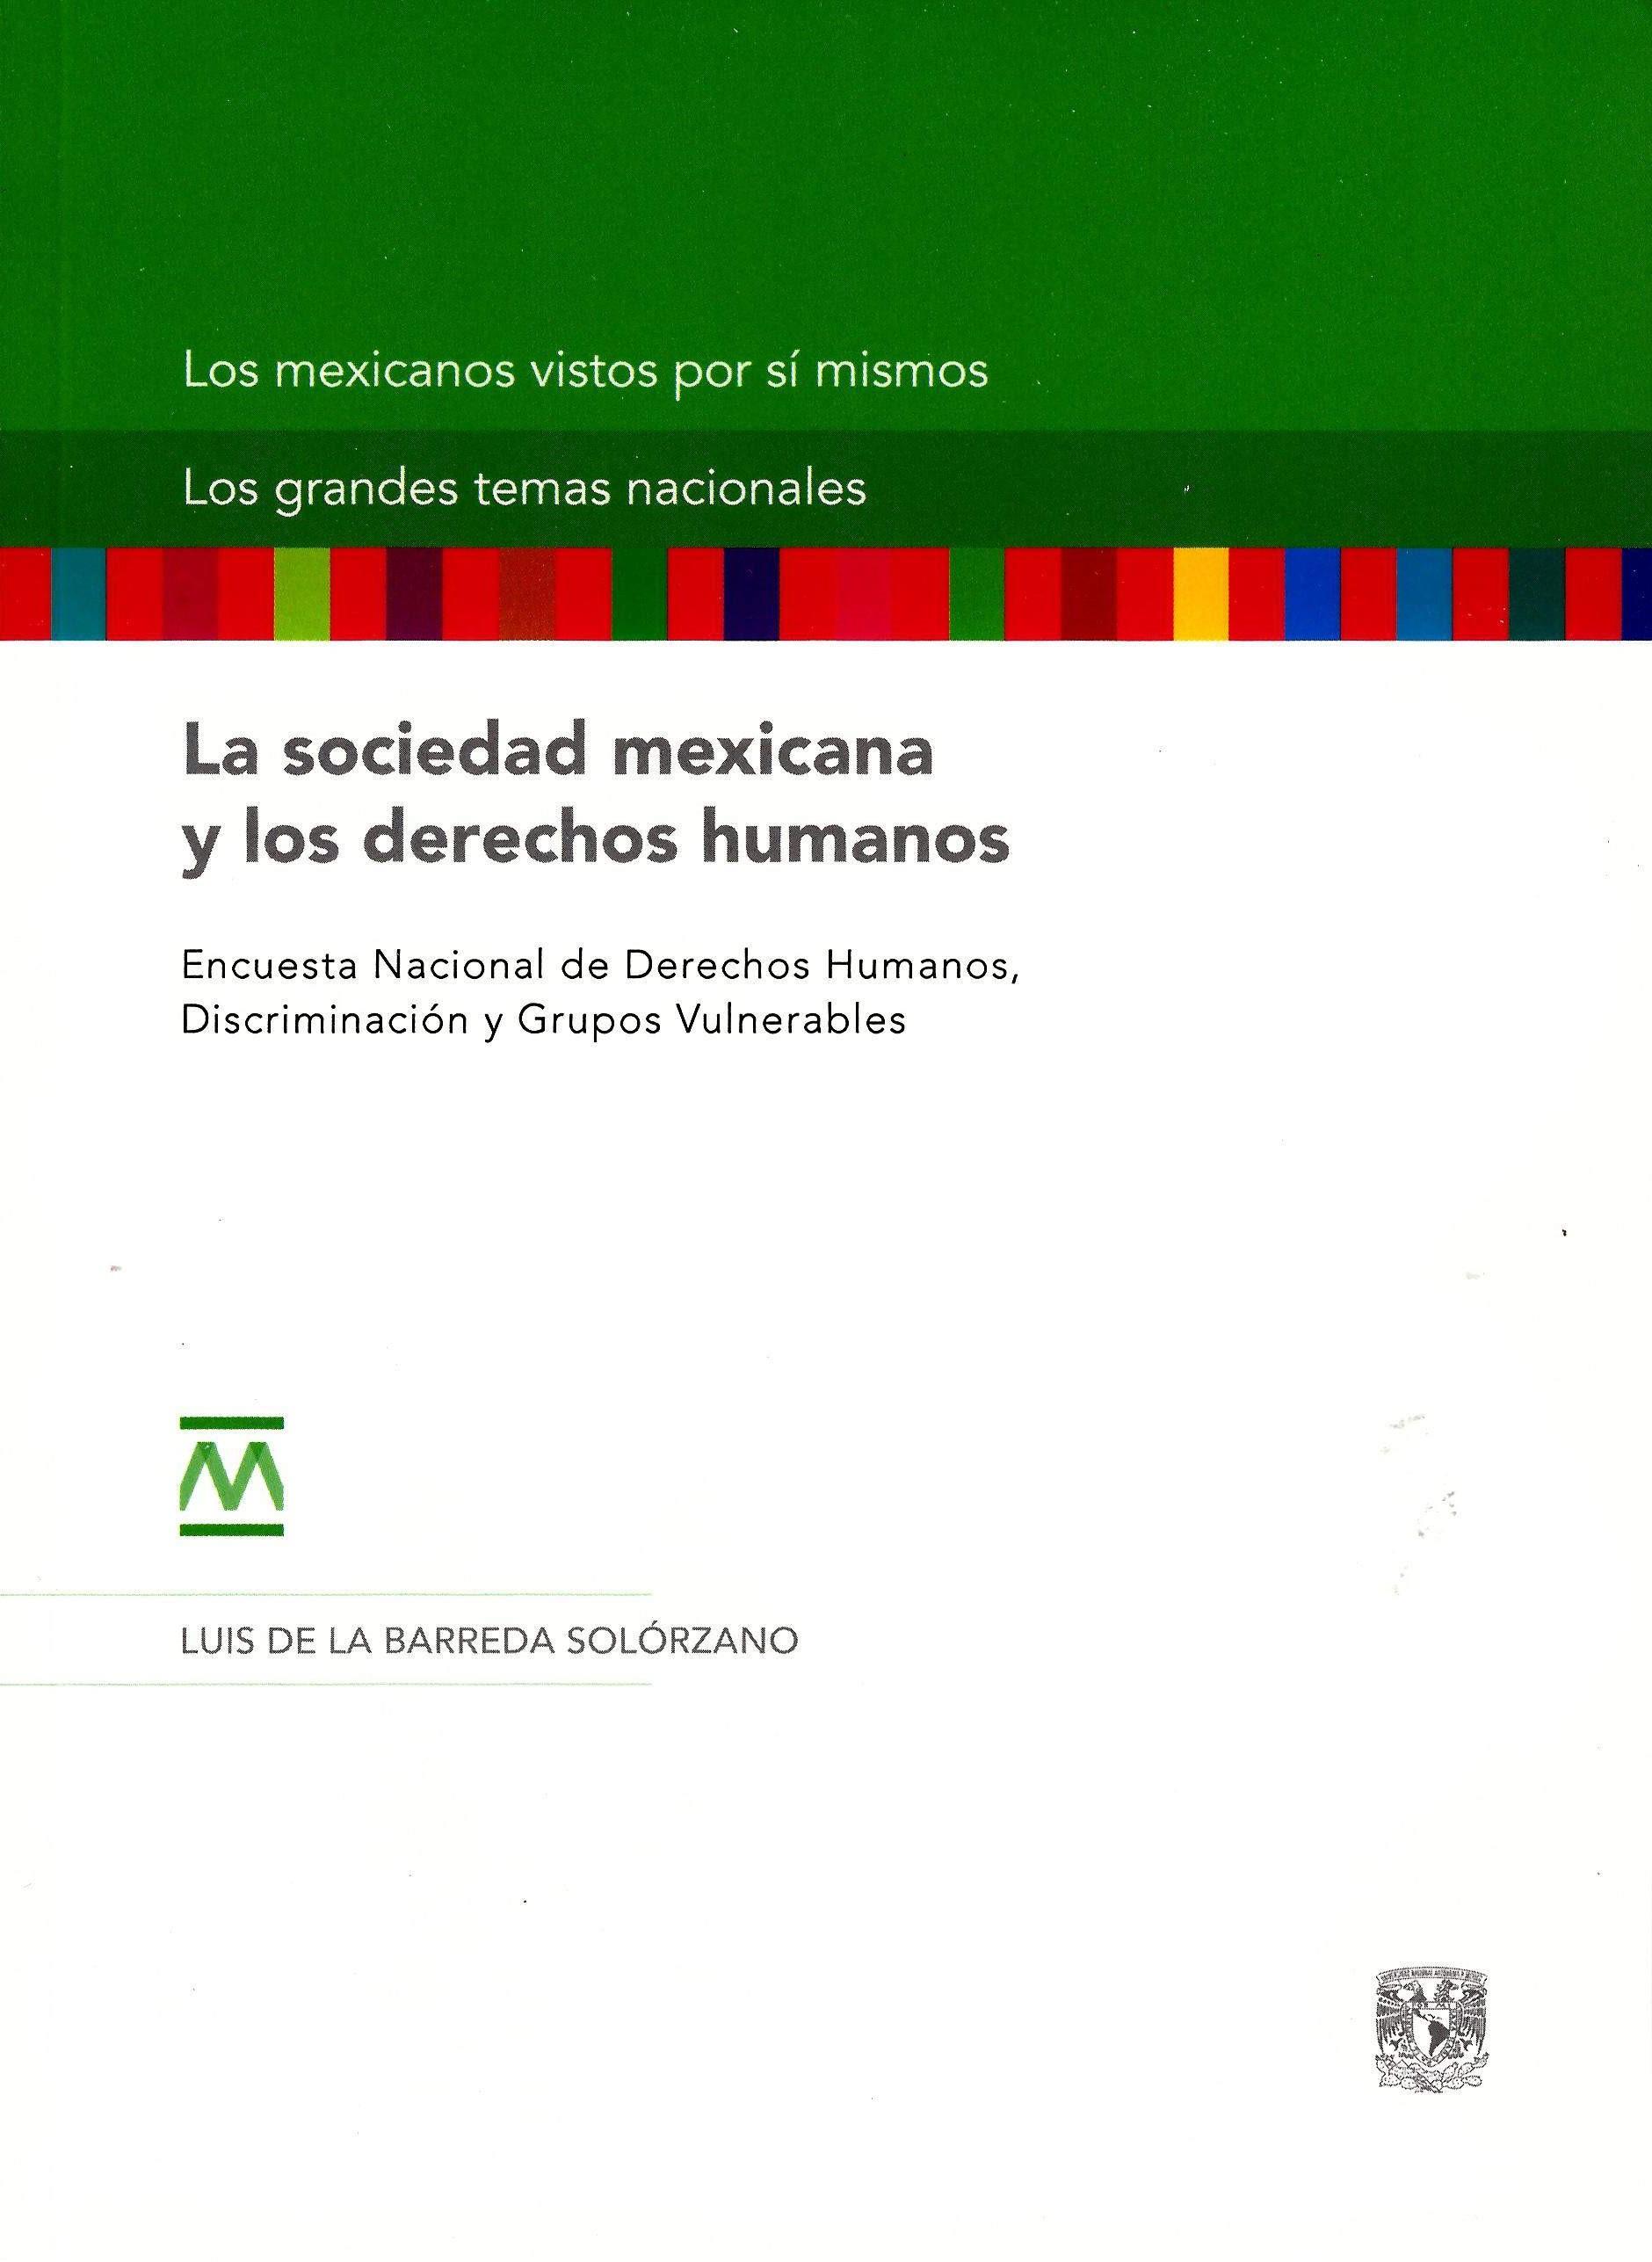 La sociedad mexicana y los derechos humanos La sociedad mexicana y los derechos humanos. Encuesta Nacional de Derechos Humanos, Discriminación y Grupos Vulnerable